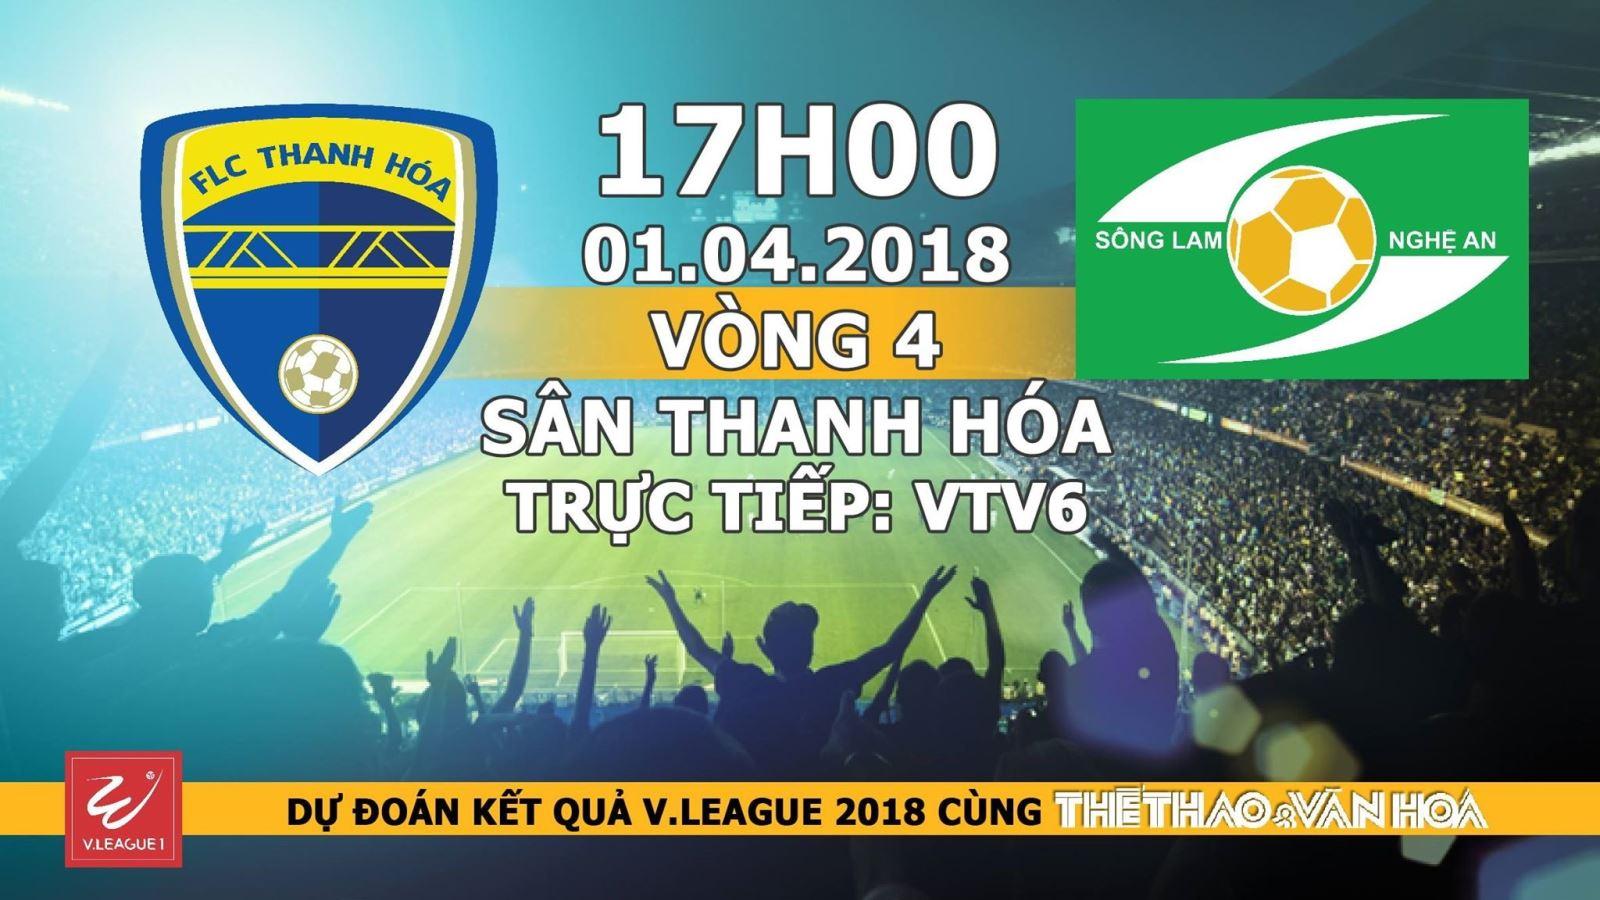 Dự đoán có thưởng vòng 4 V-League 2018: Trận FLC Thanh Hóa - SLNA